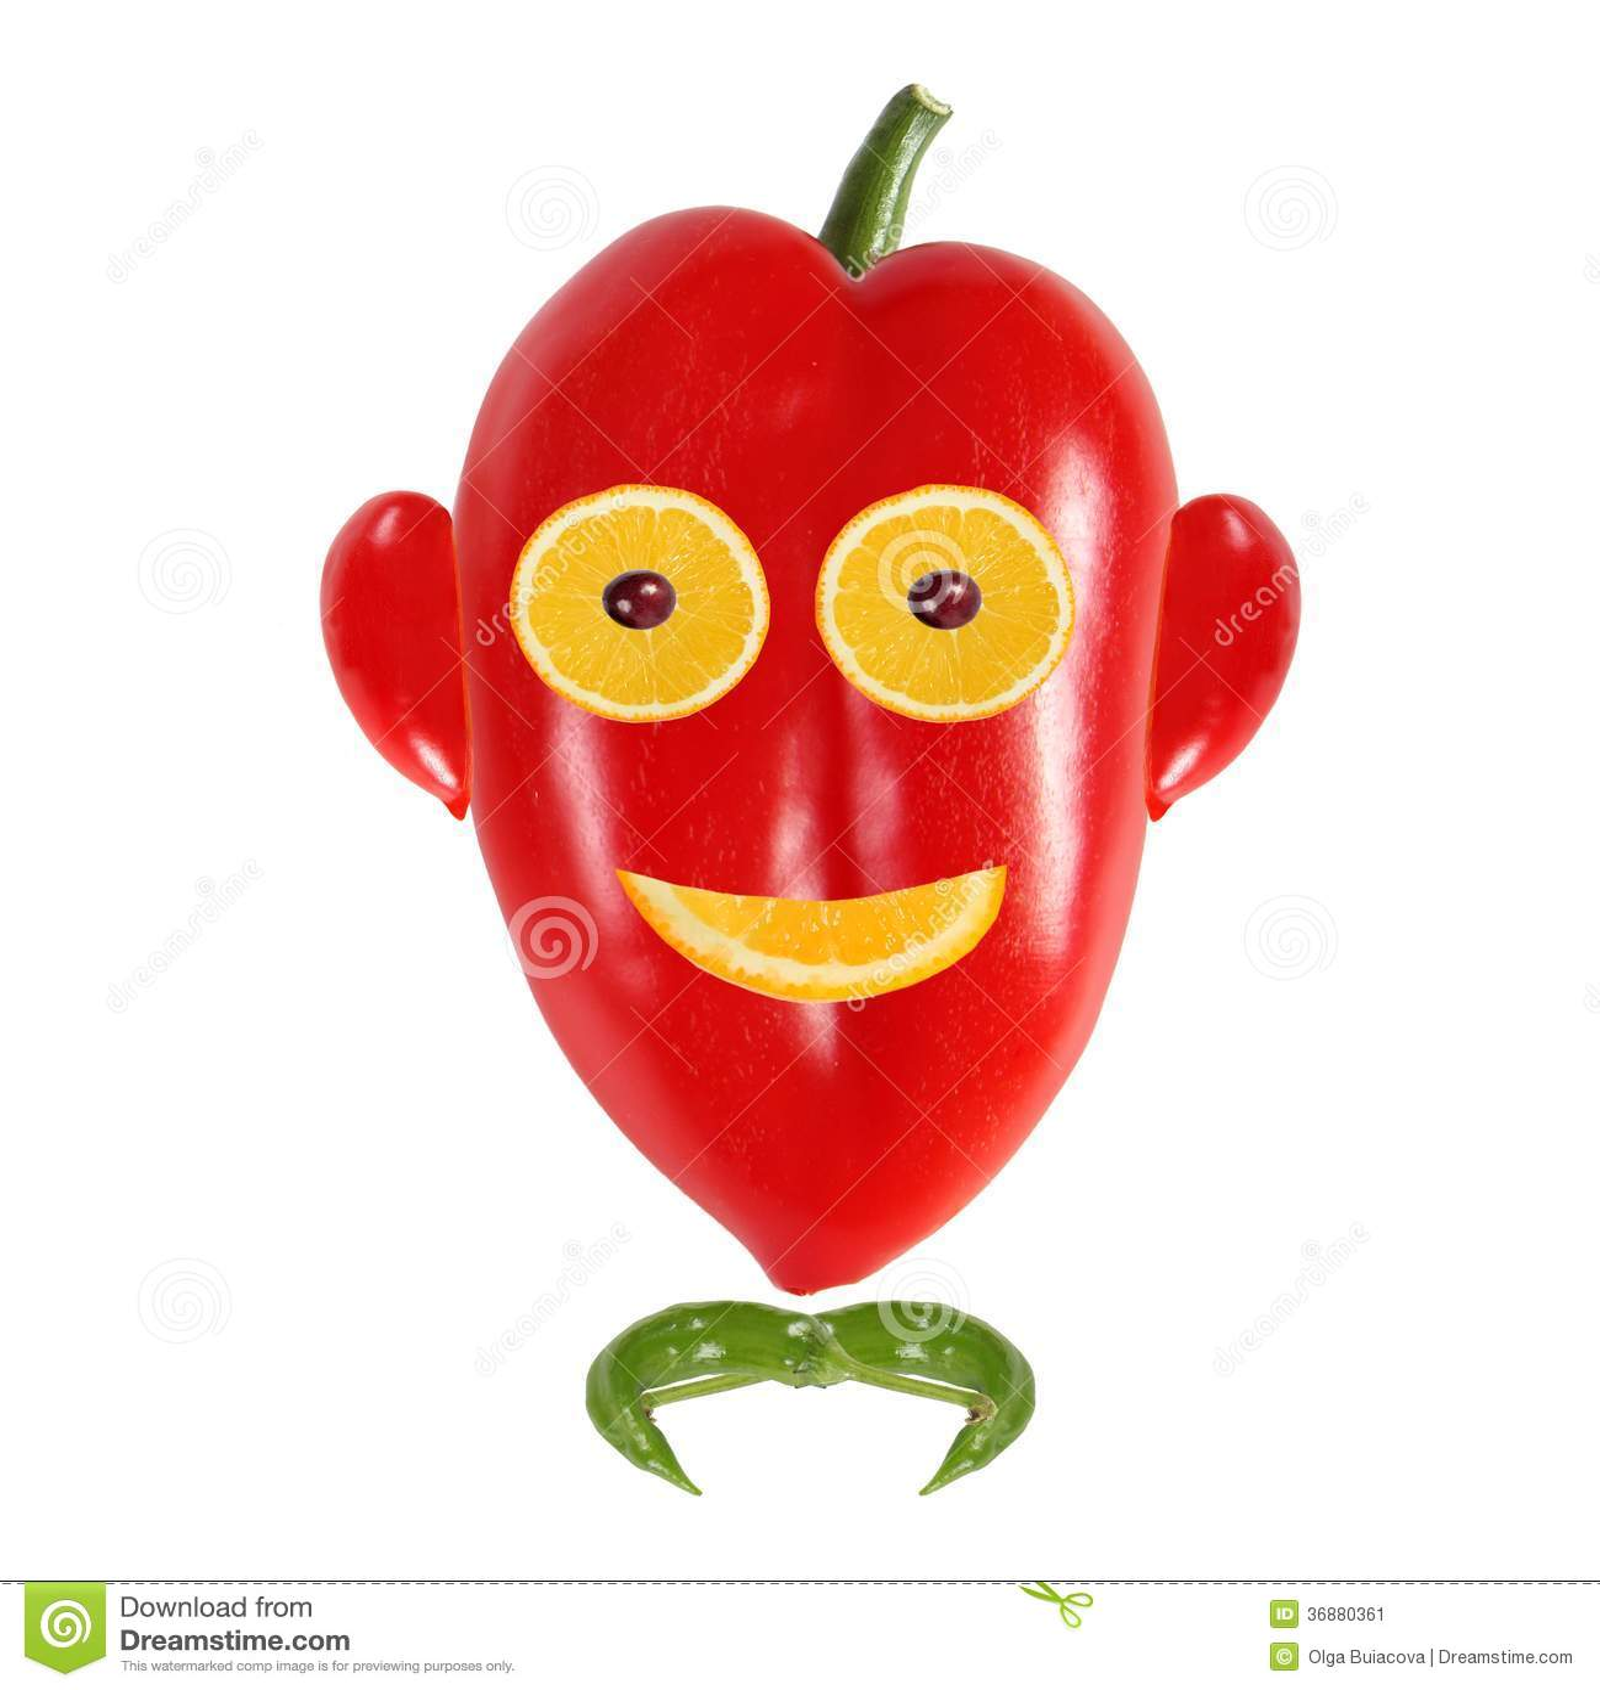 Download Ritratto Sorridente Dell'uomo Fatto Delle Verdure E Della Frutta Immagine Stock - Immagine di umore, isolato: 36880361